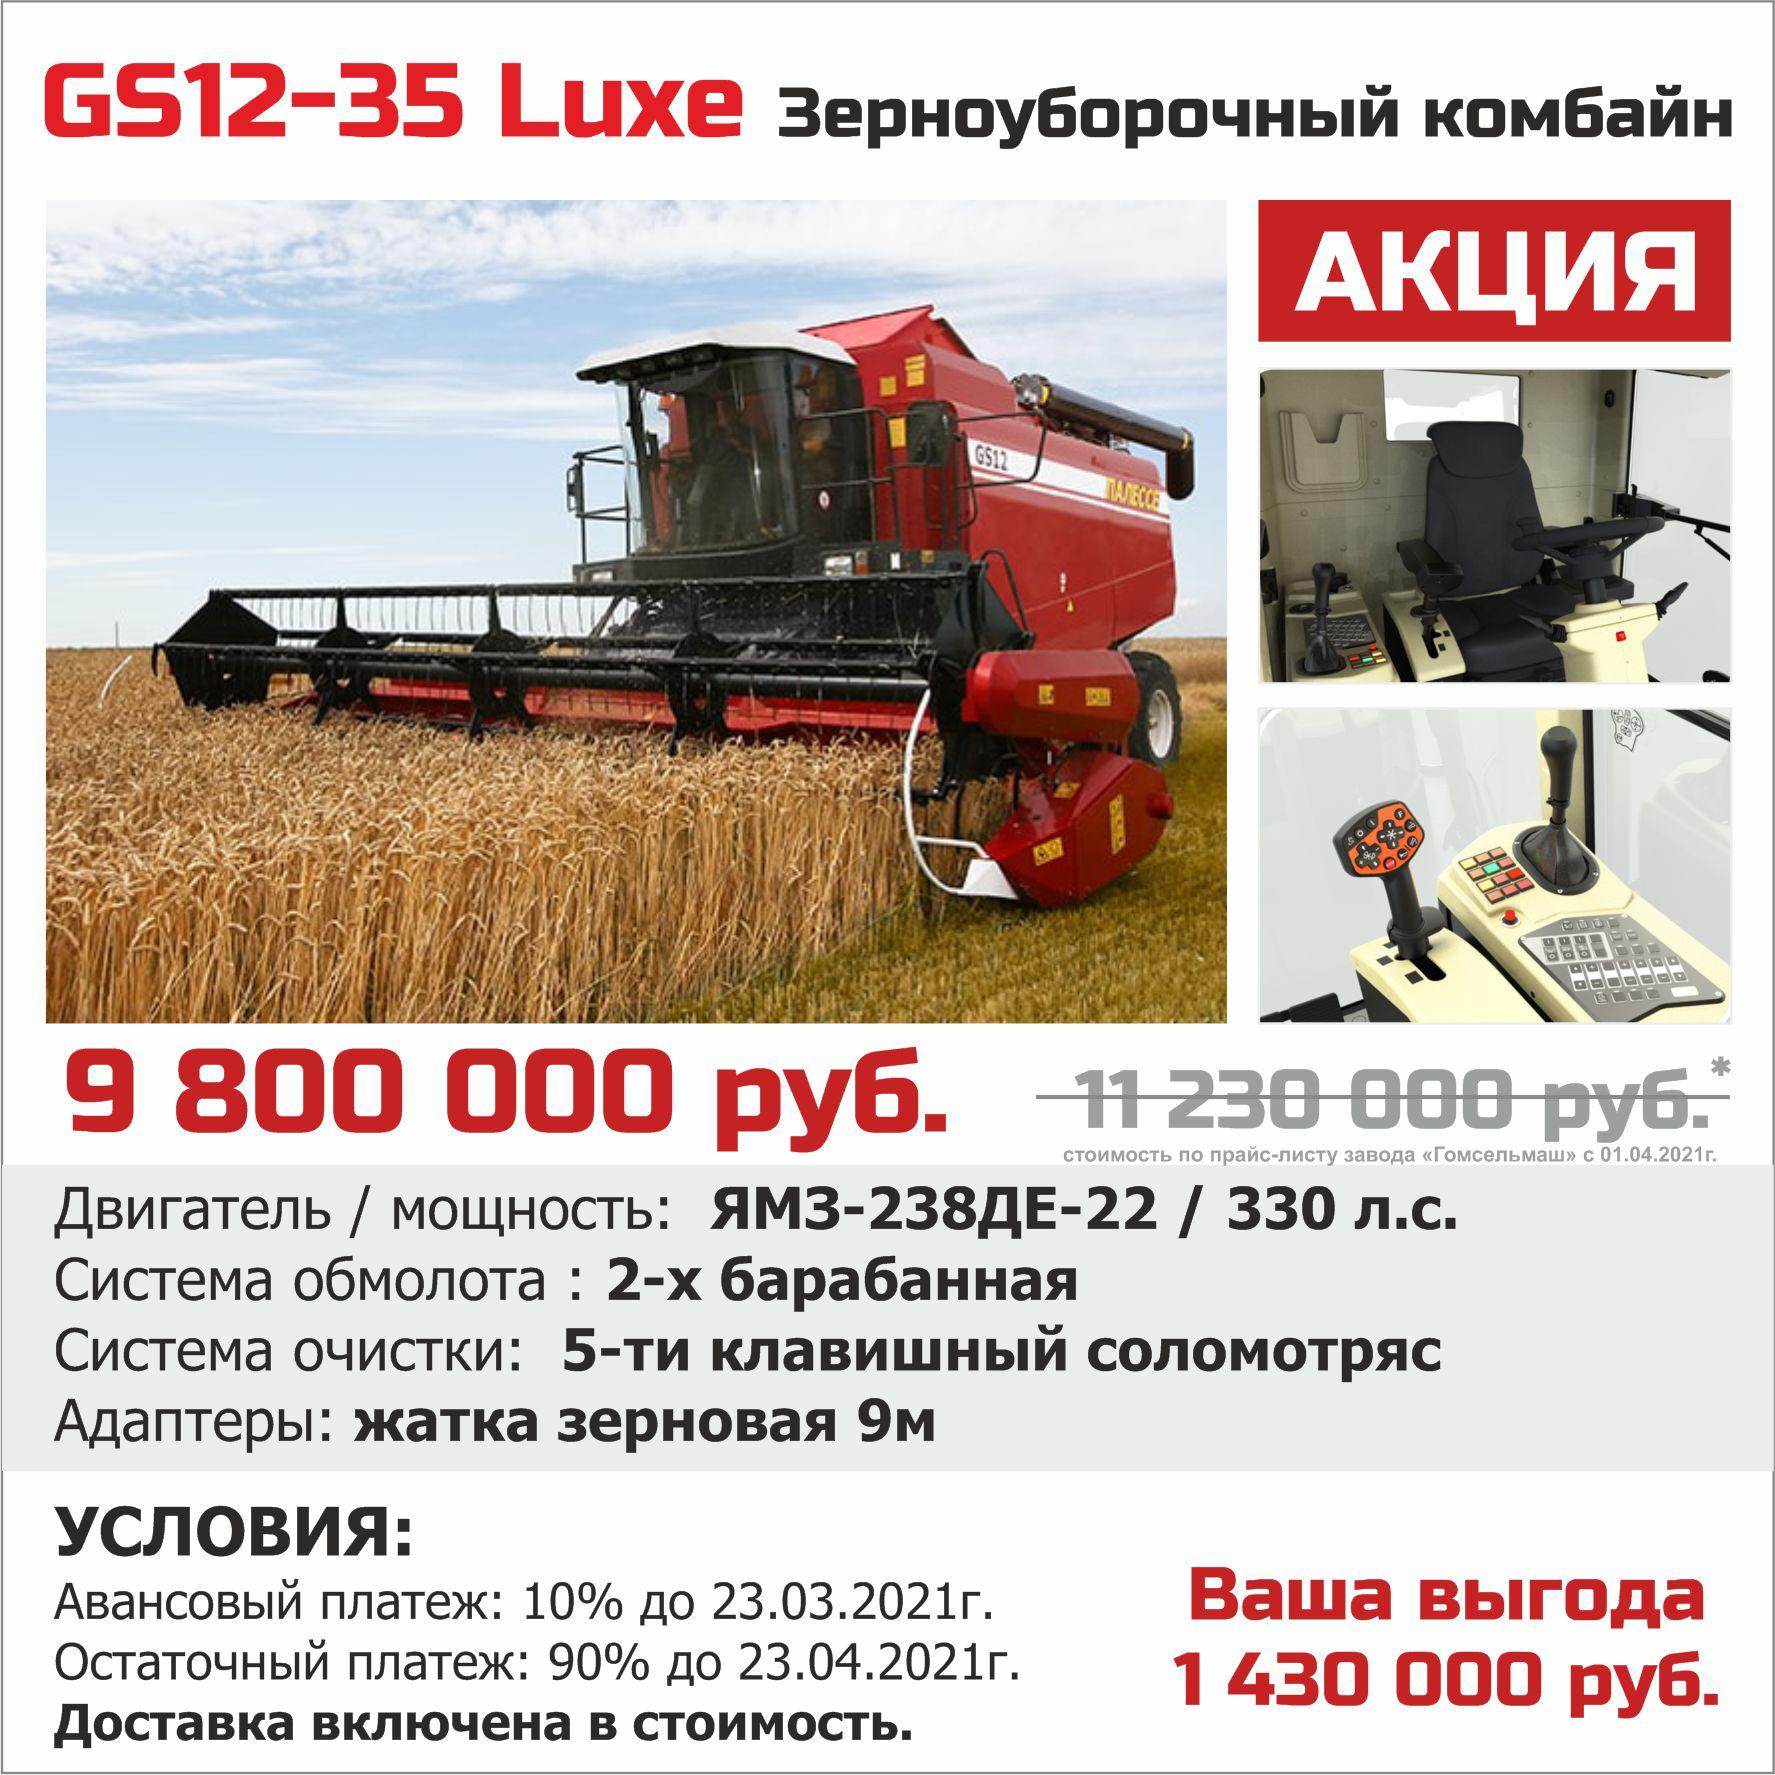 Комбайны с выгодой до 1 500 000 руб.